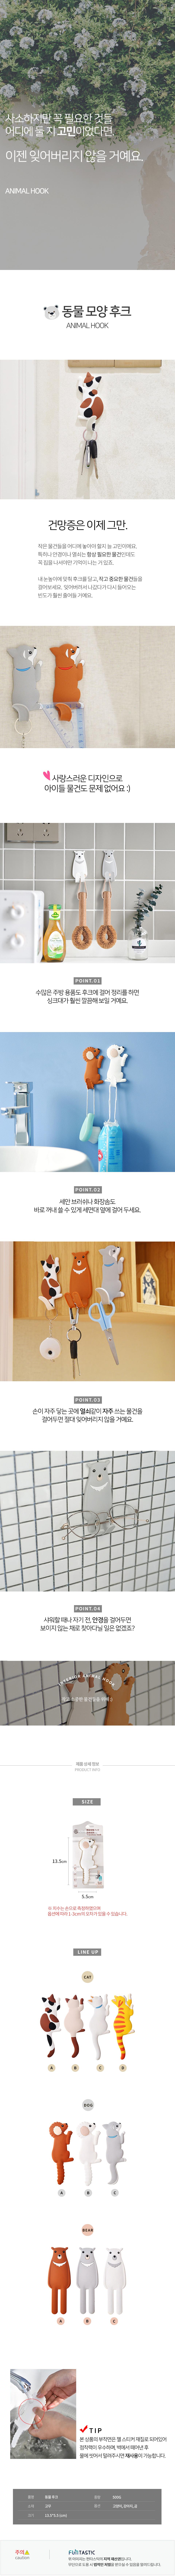 아기방꾸미기 벽걸이 접착식 동물 후크 걸이 - 엔젤리빙, 7,350원, 정리/리빙박스, 소품정리함